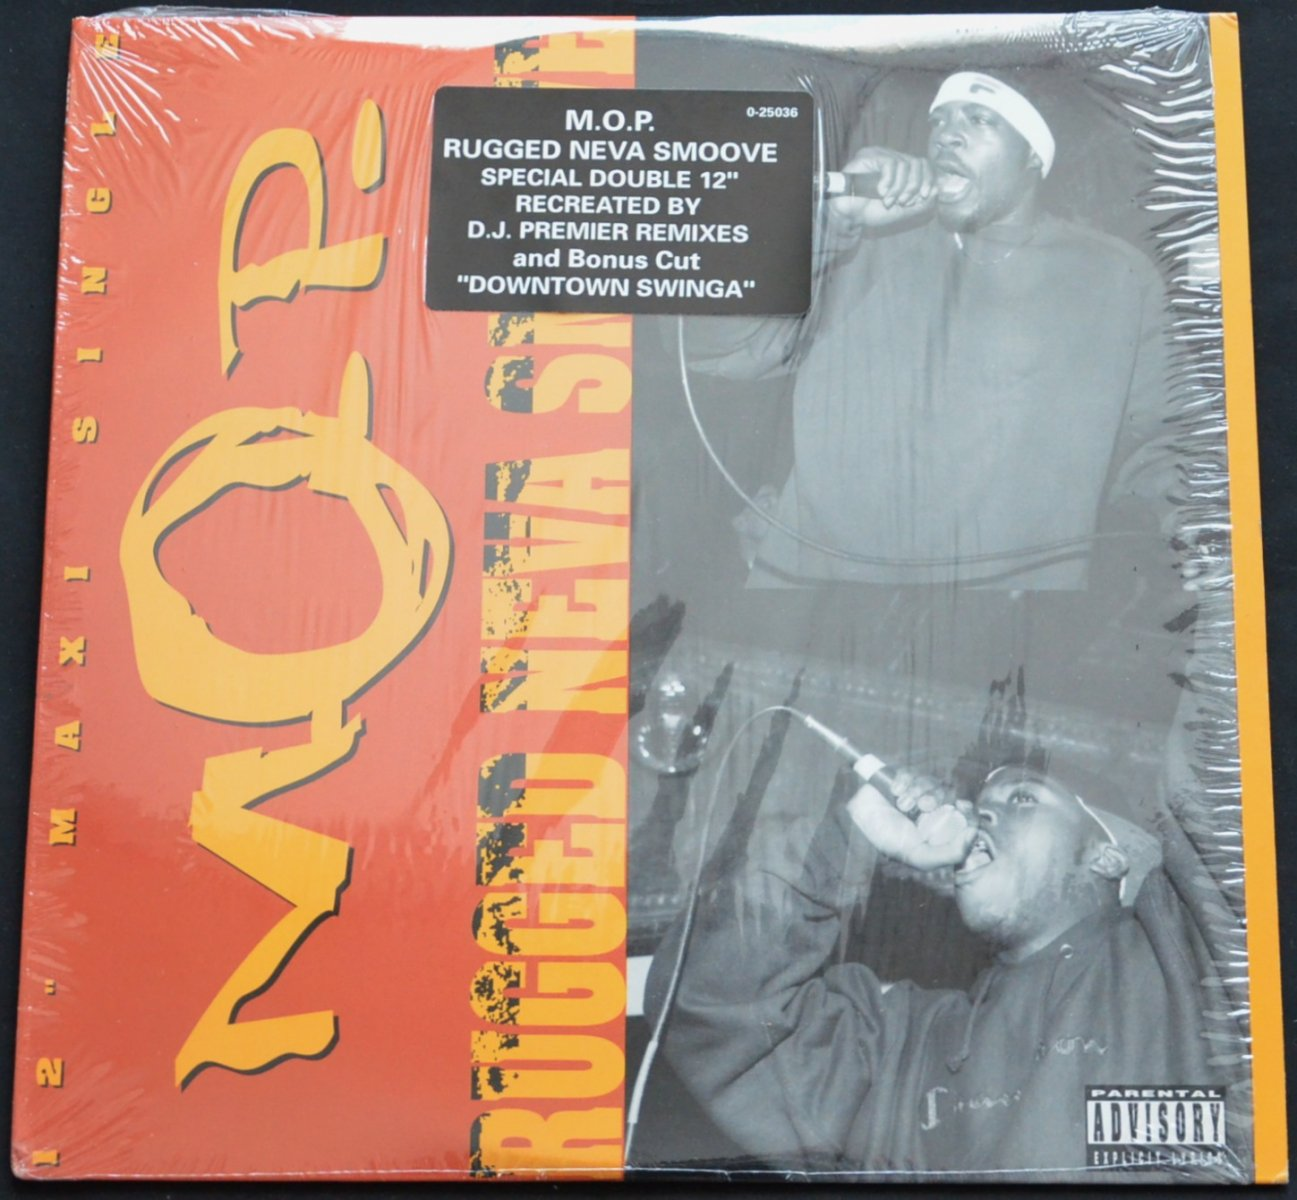 M.O.P. / RUGGED NEVA SMOOVE (DJ PREMIER REMIX) (2×12